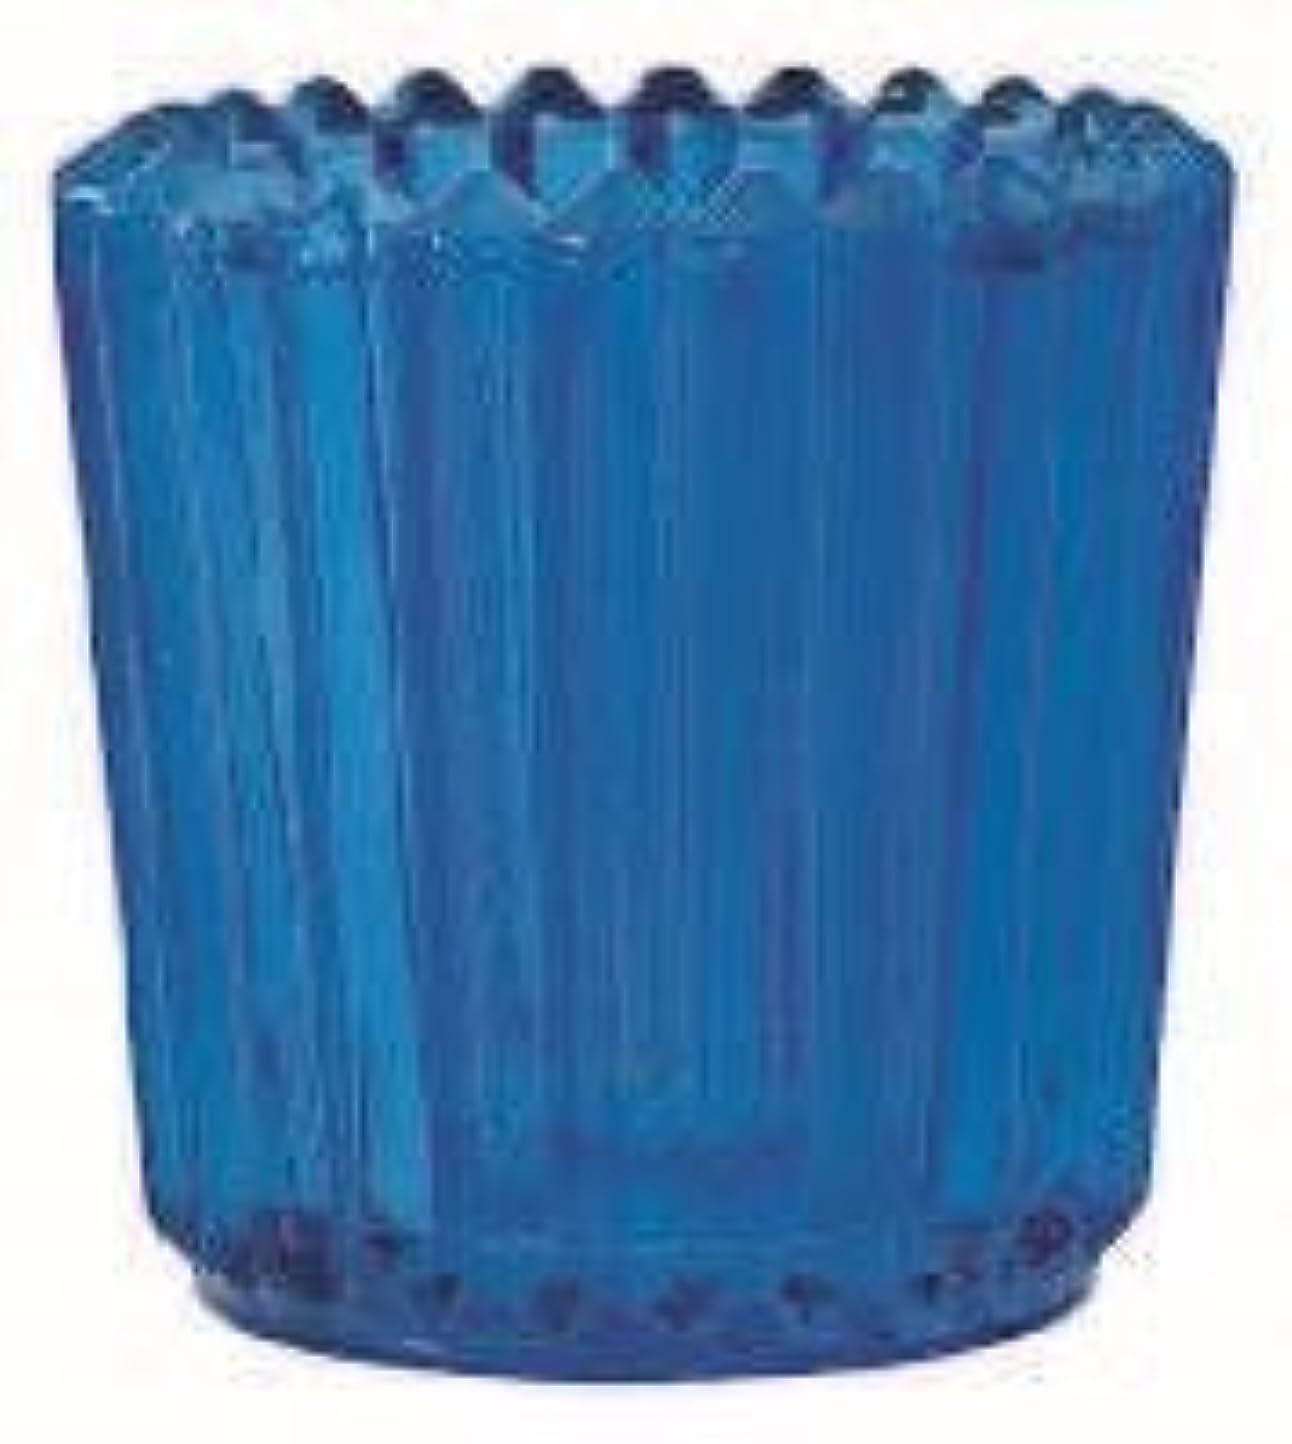 協同敬意を表する力学kameyama candle(カメヤマキャンドル) ソレイユ 「 ブルー 」(J5120000BL)